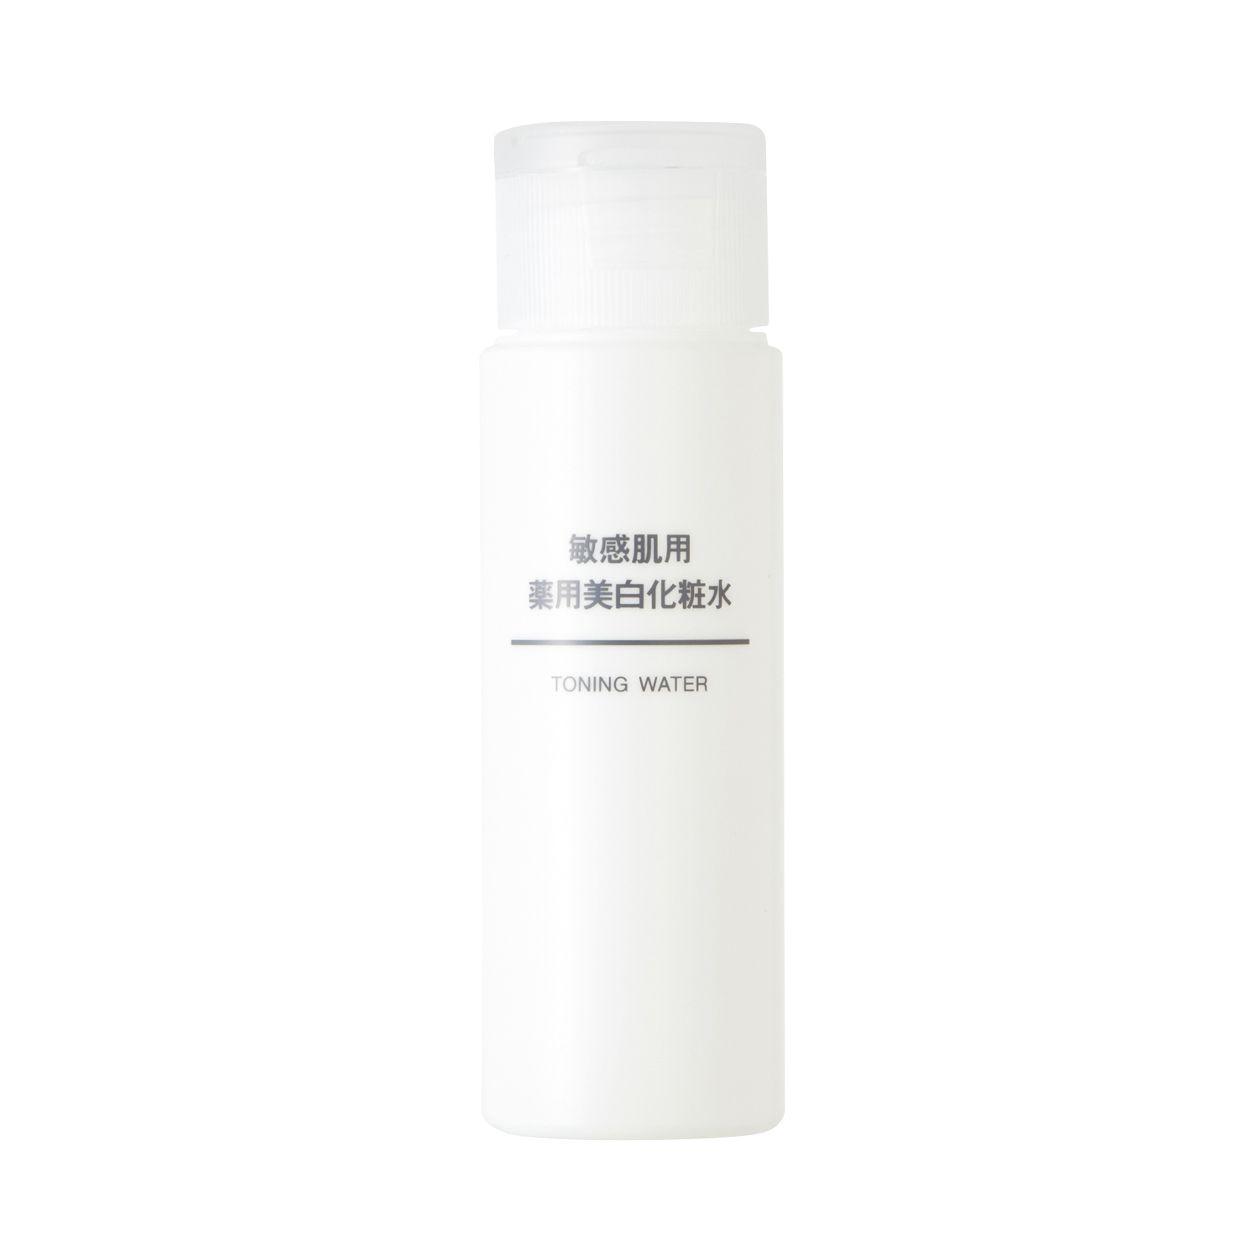 敏感肌用薬用美白化粧水(携帯用)